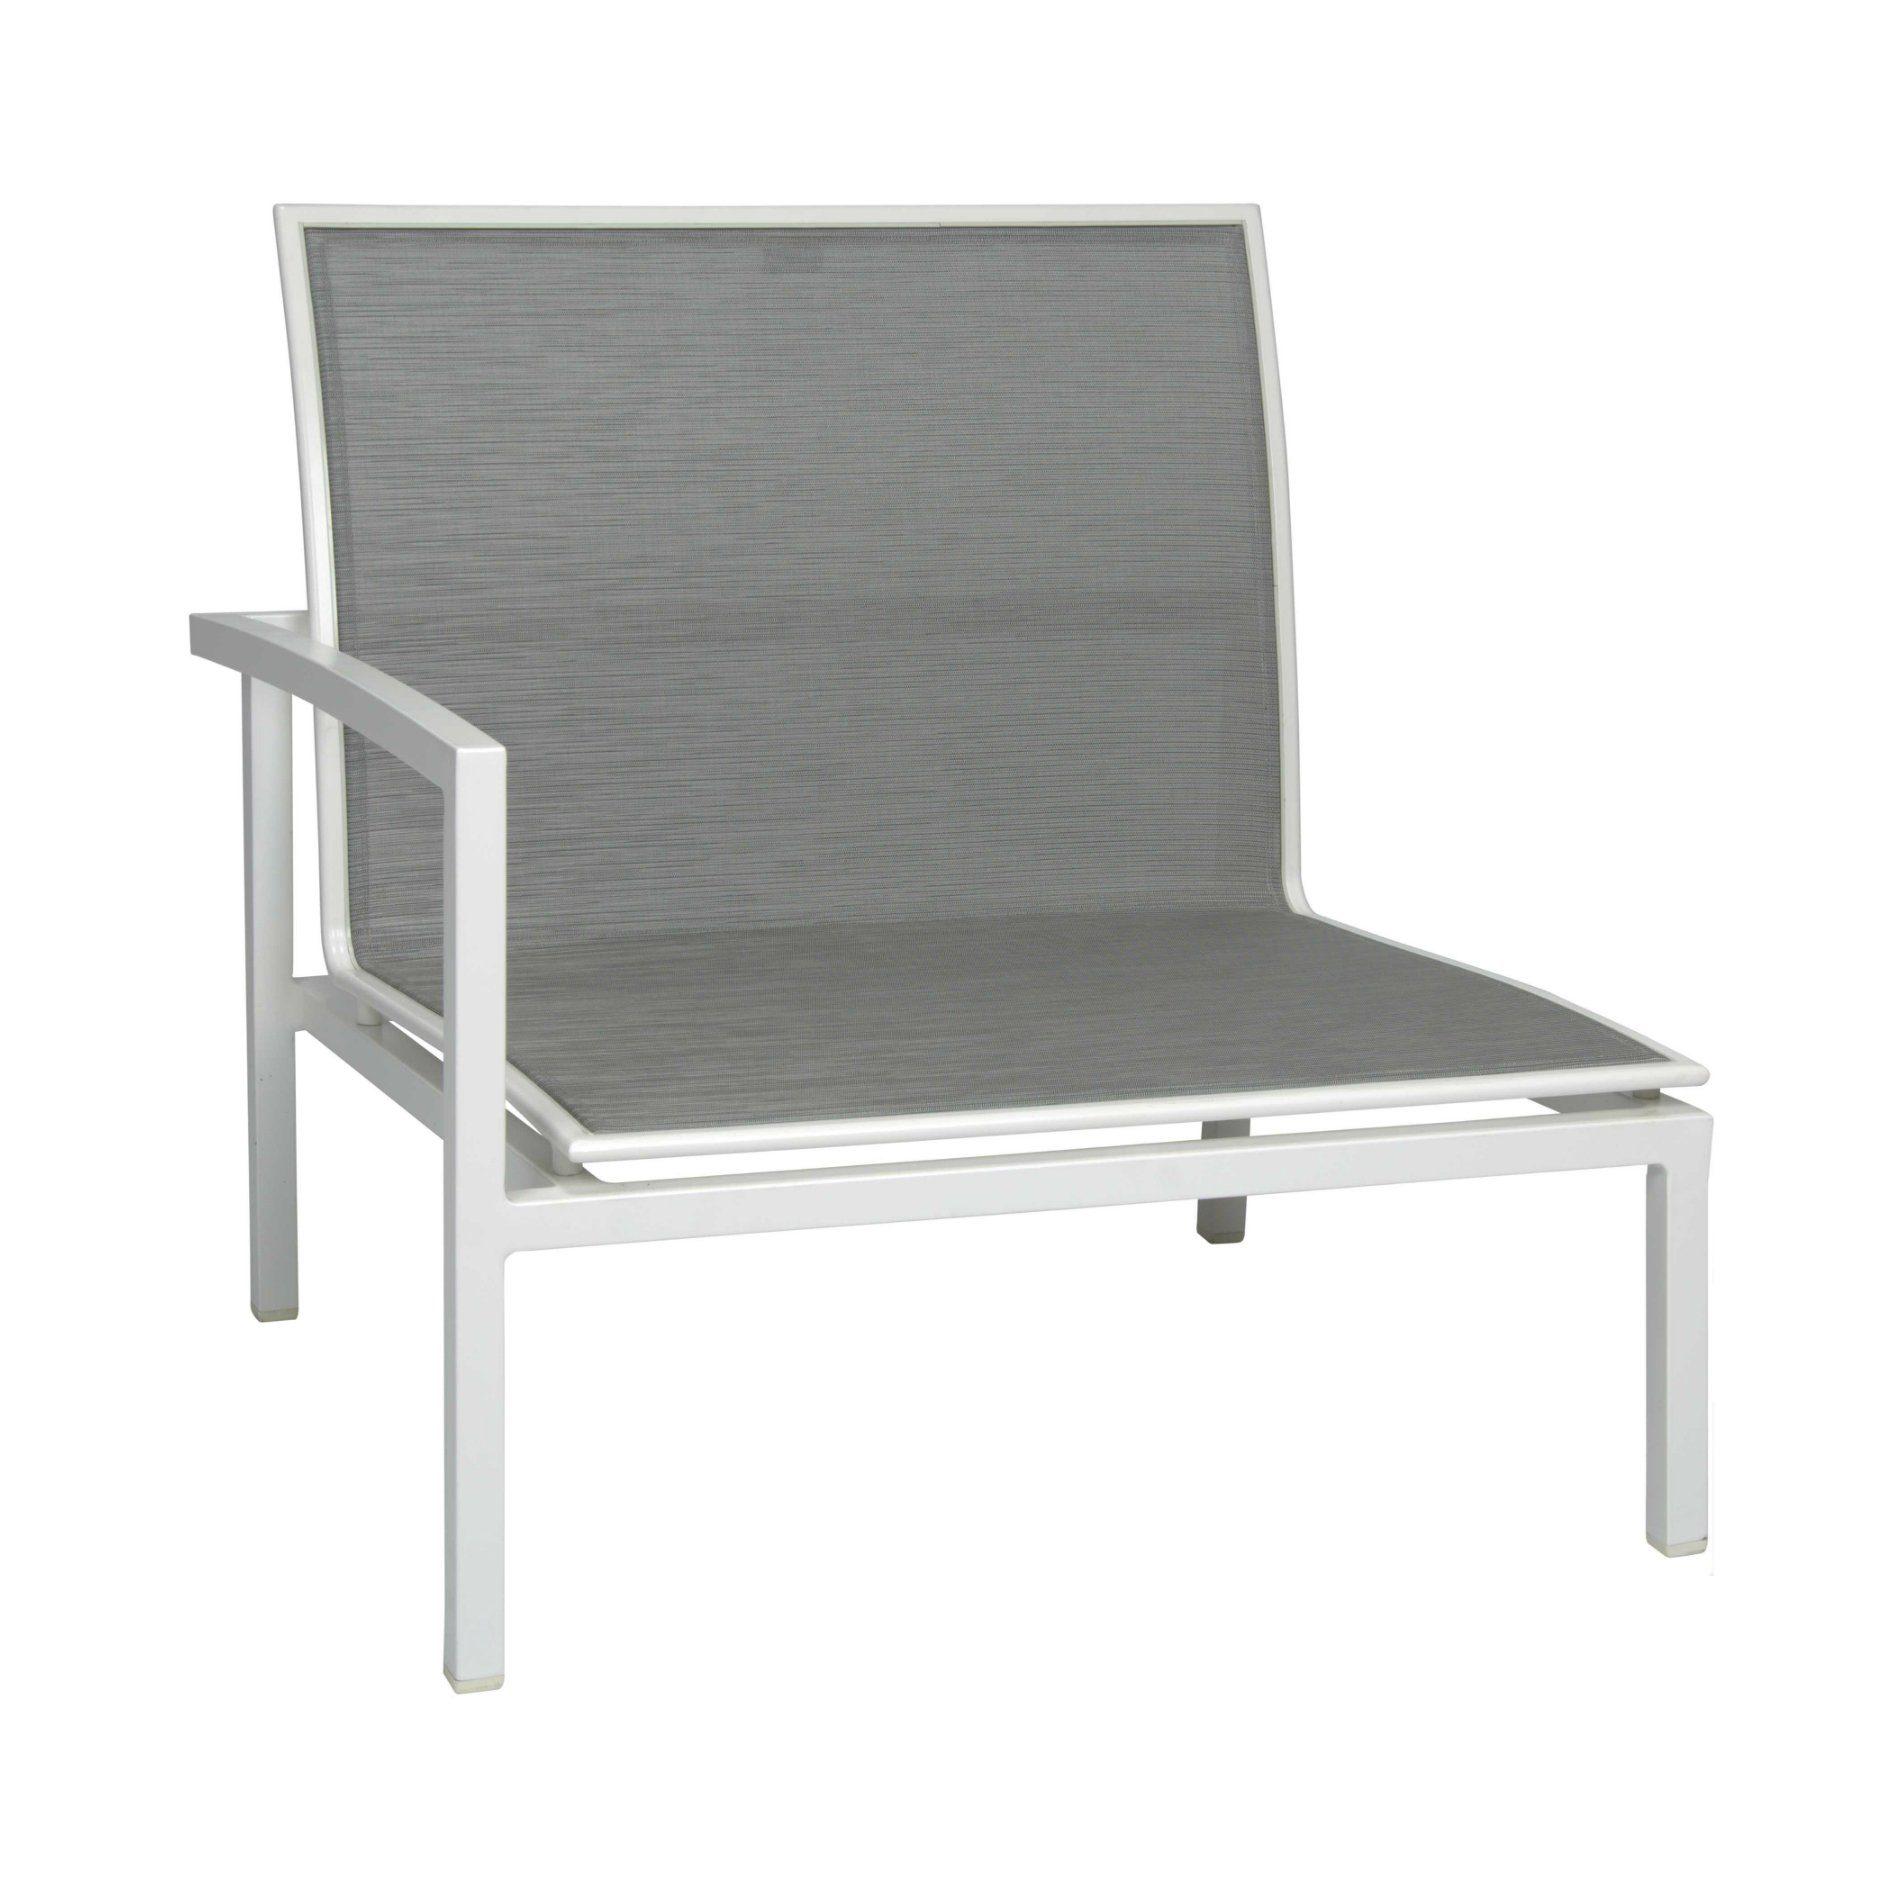 """Seitenelement rechts """"Skelby"""" von Stern, Gestell Aluminium weiß, Textilenbezug silber"""